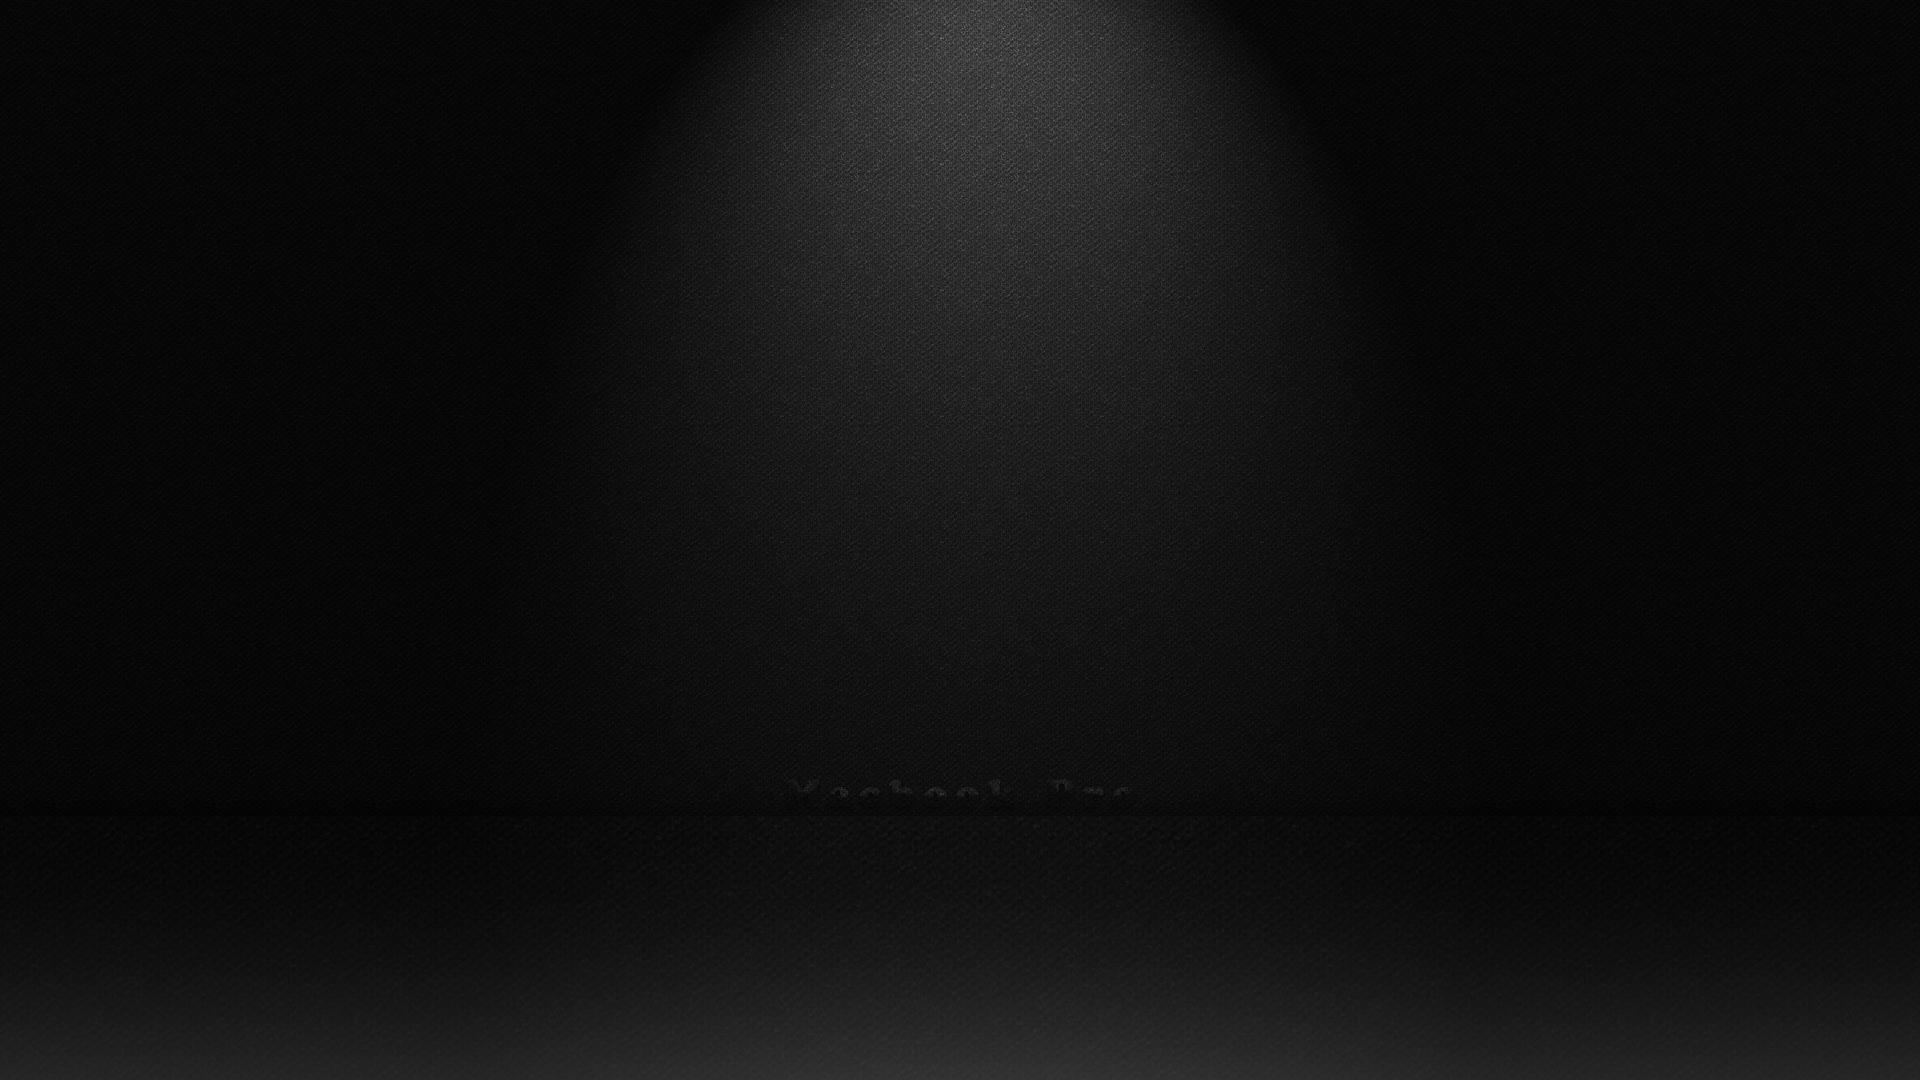 Fonds d'écran Macbook Pro : tous les wallpapers Macbook Pro